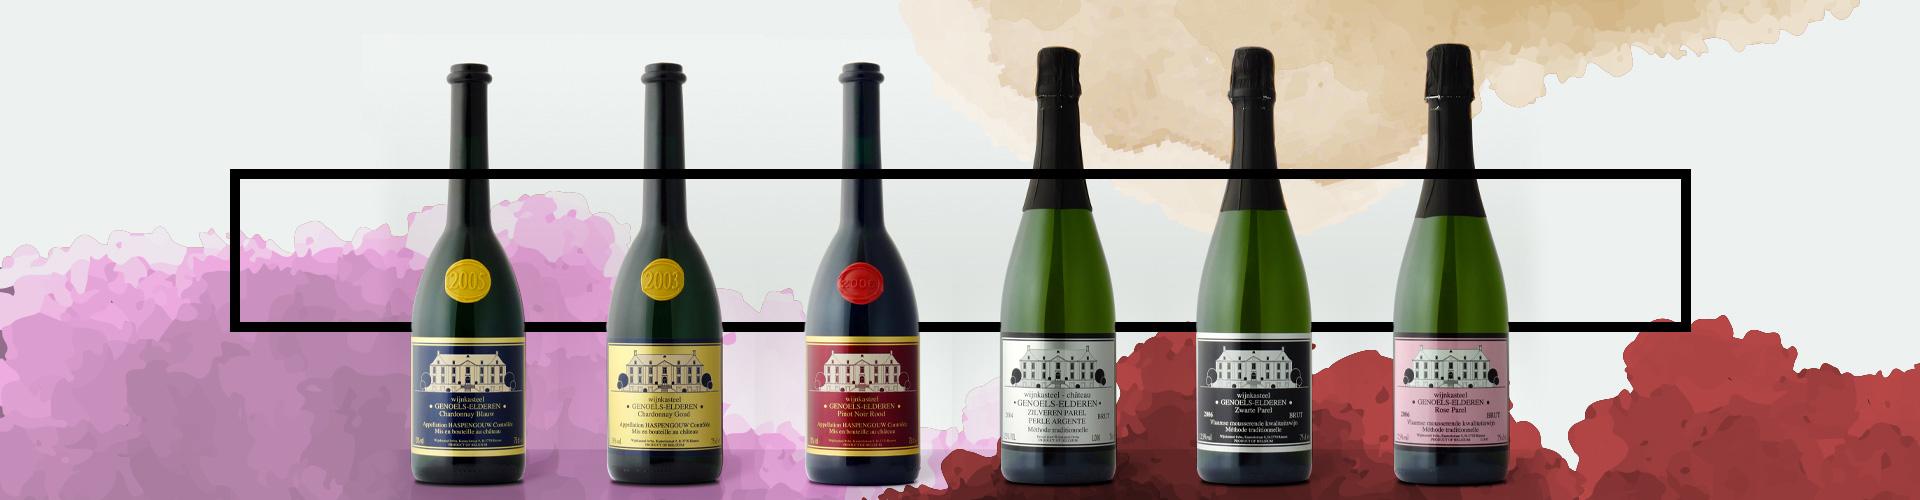 Belgische-wijn